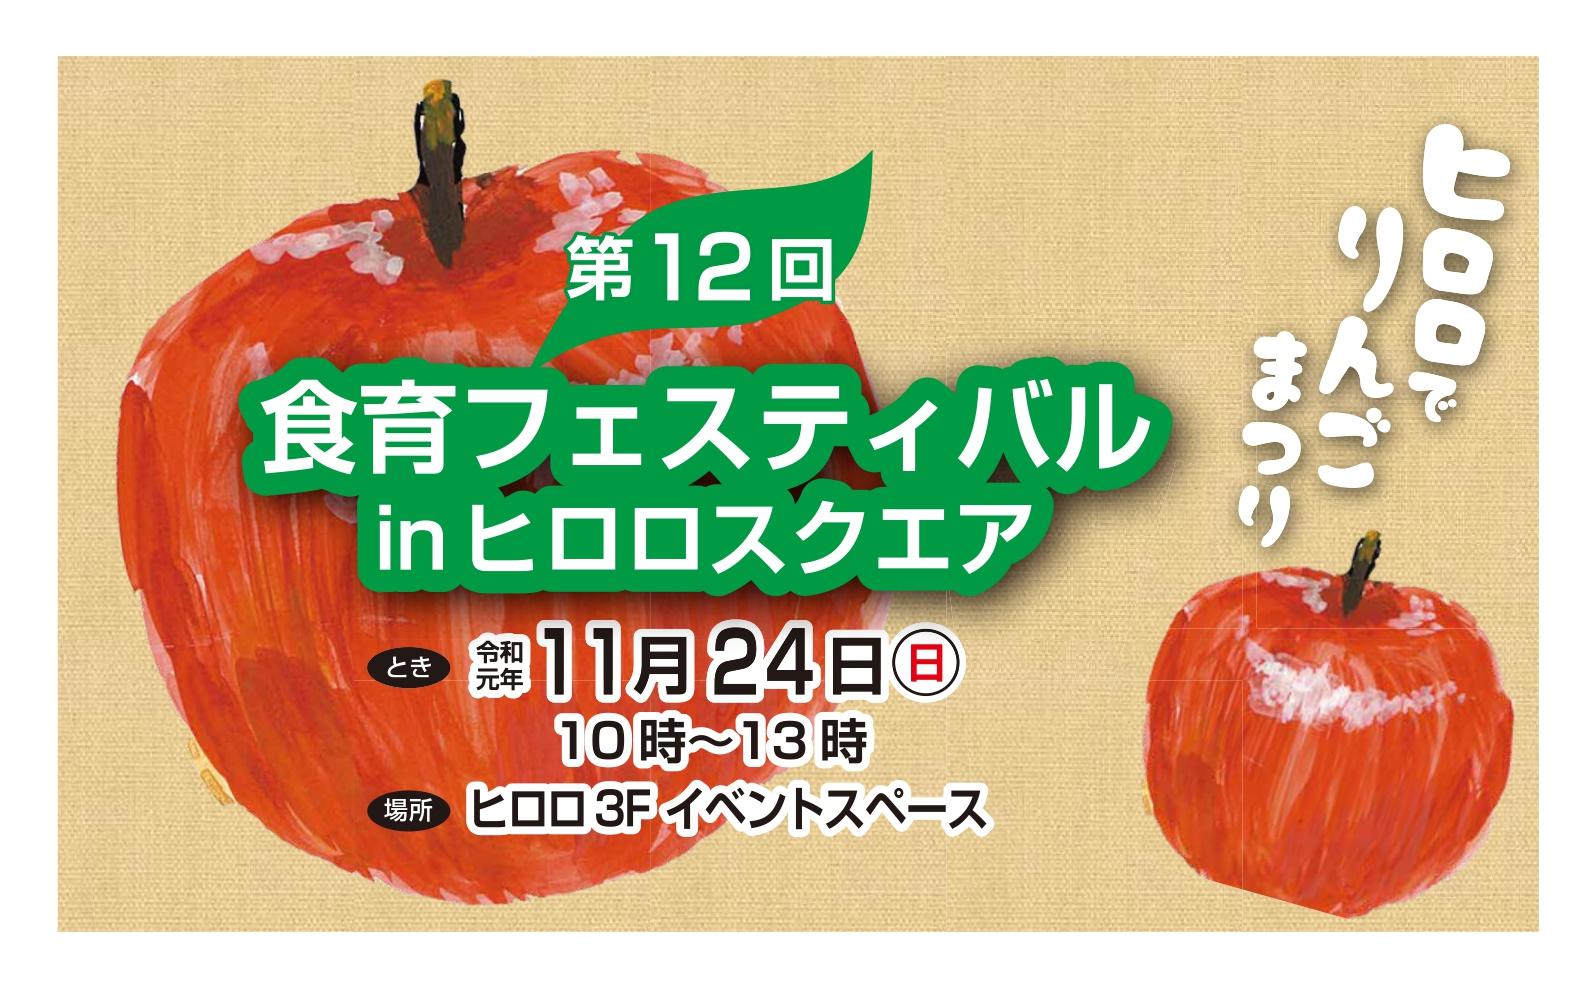 12食フェスアイキャッチ02.jpg